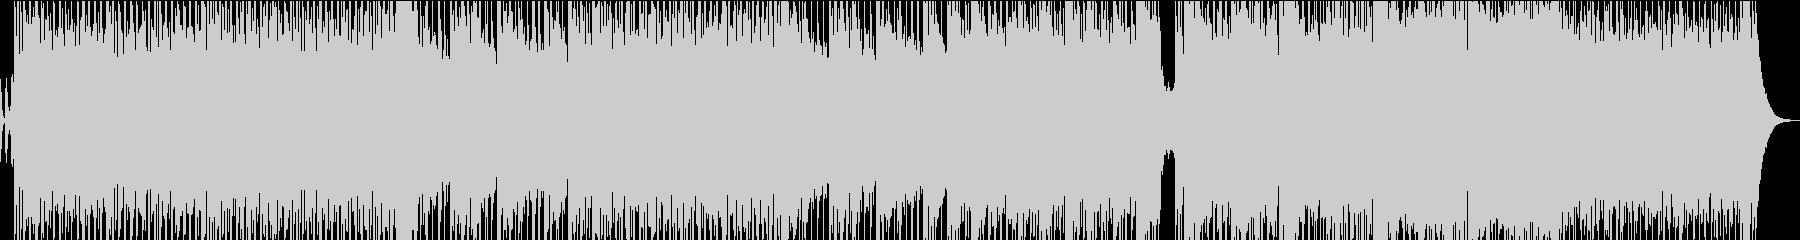 勢いのある三味線ロック/ダンスビートの未再生の波形